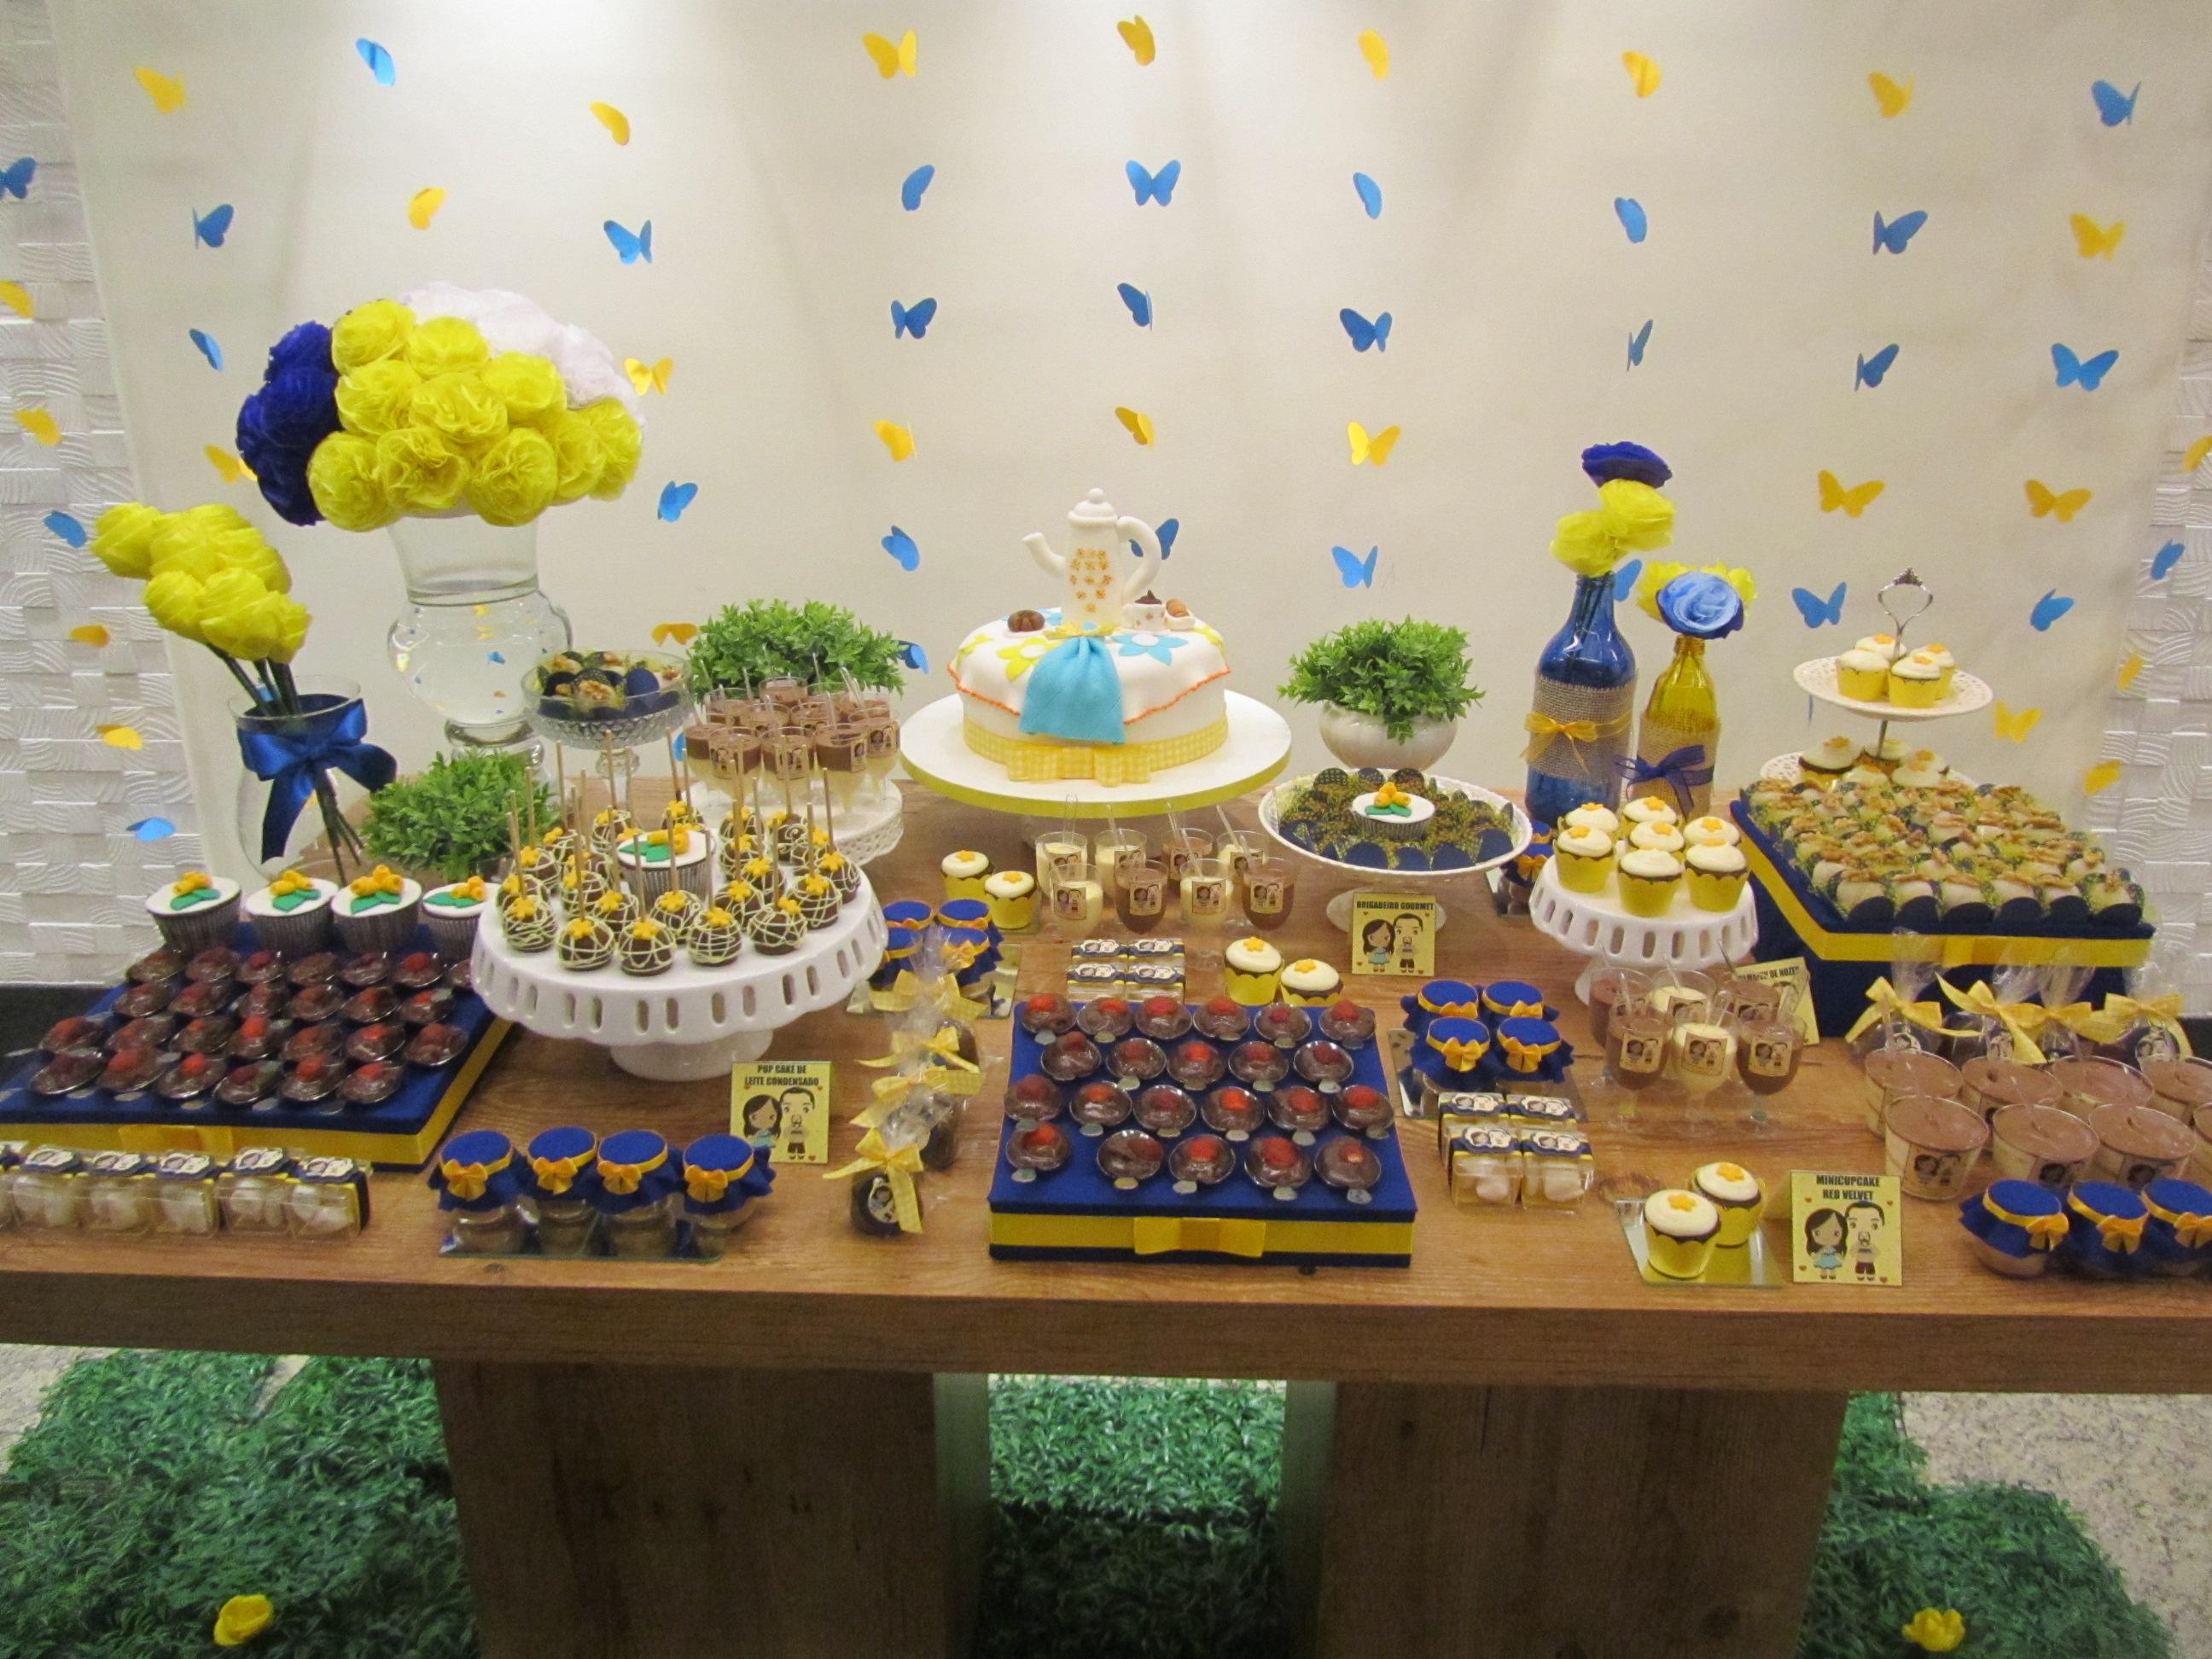 decoracao de igreja azul e amarelo : decoracao de igreja azul e amarelo:Chá de Cozinha Amarelo e Azul!